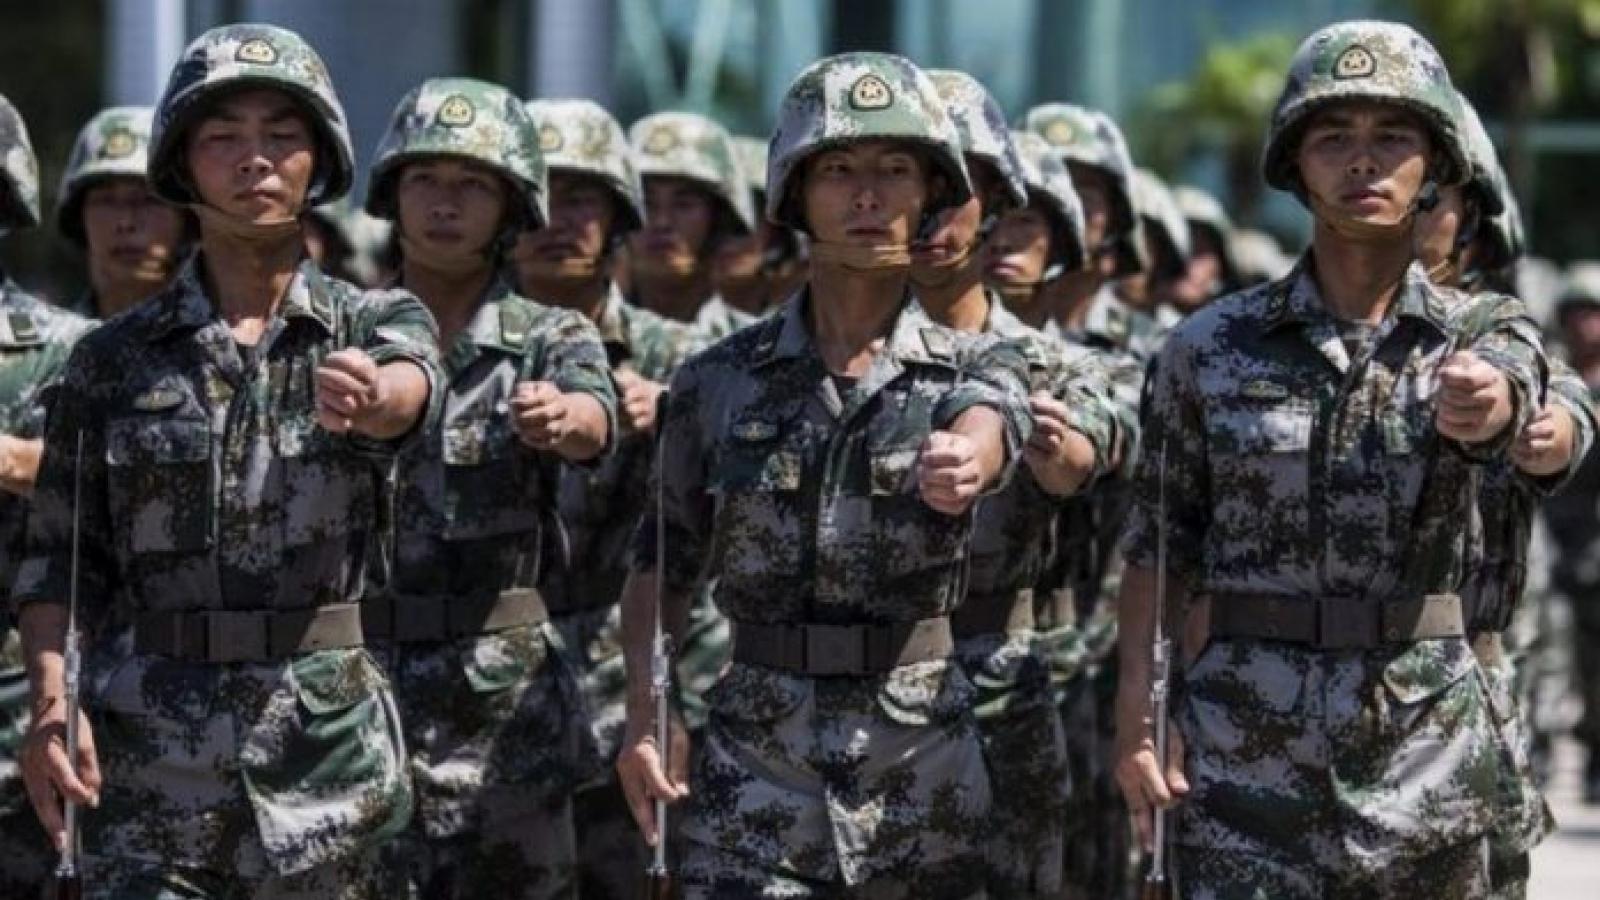 Trung Quốc thiết lập hệ thống phòng thủ liên hợp mới tại khu vực giáp với Ấn Độ